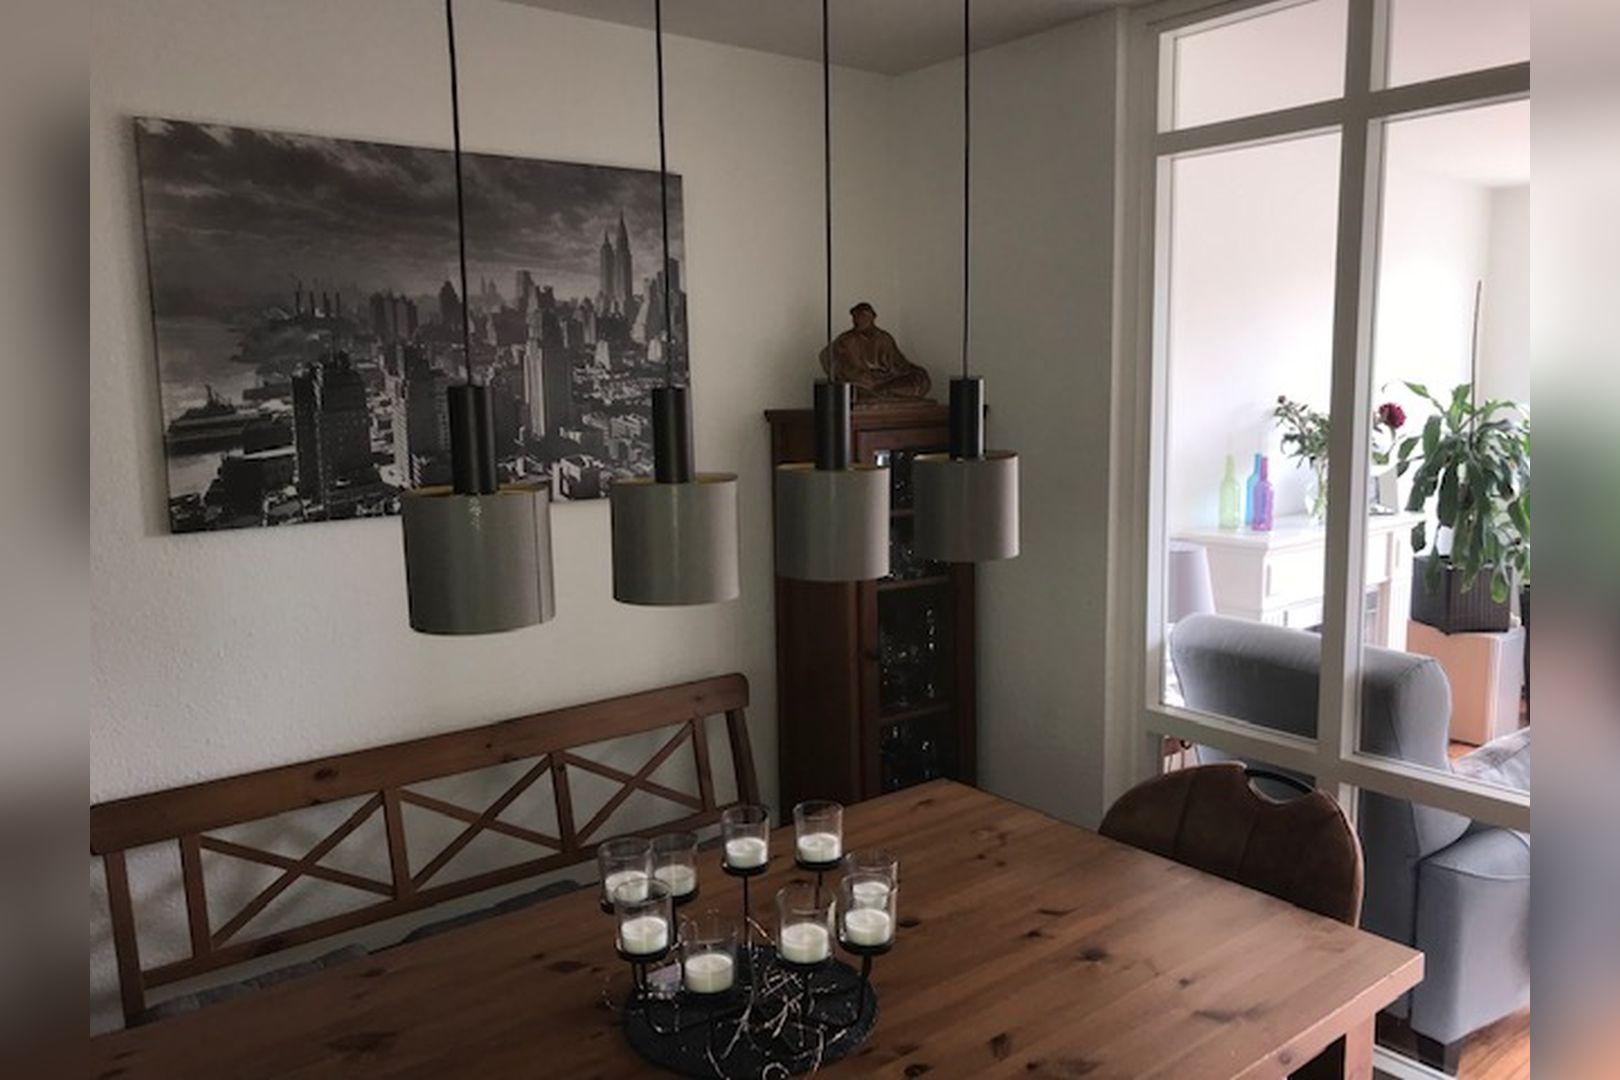 Immobilie Nr.0264 - großzügige Vier-Raum-Wohnung mit Riesenkellerraum für Hobby etc. - Bild 6.jpg